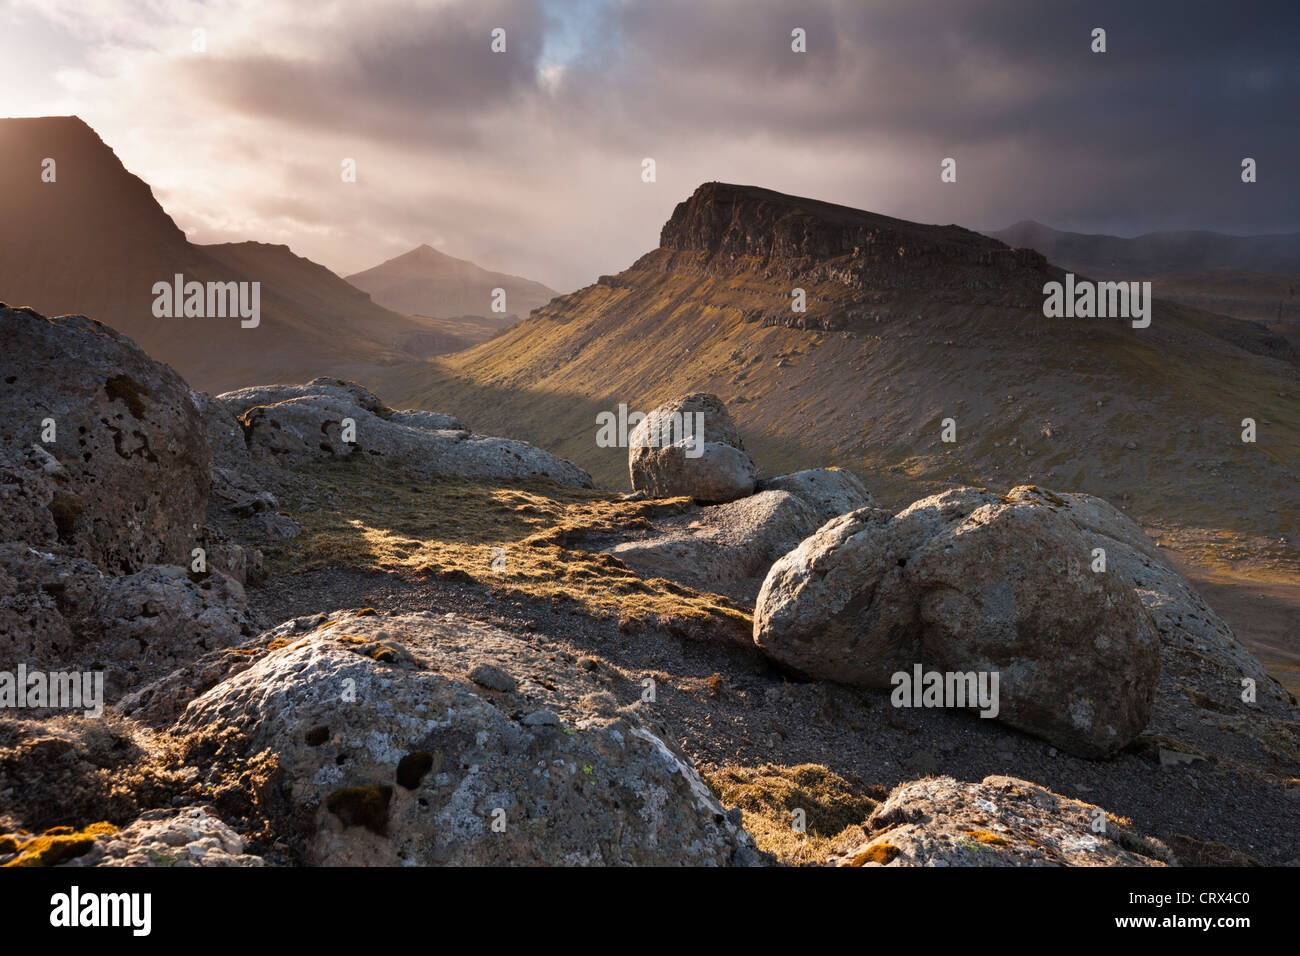 Montagnes de l'intérieur de l'île de Streymoy, une des îles Féroé. Printemps (juin) Photo Stock